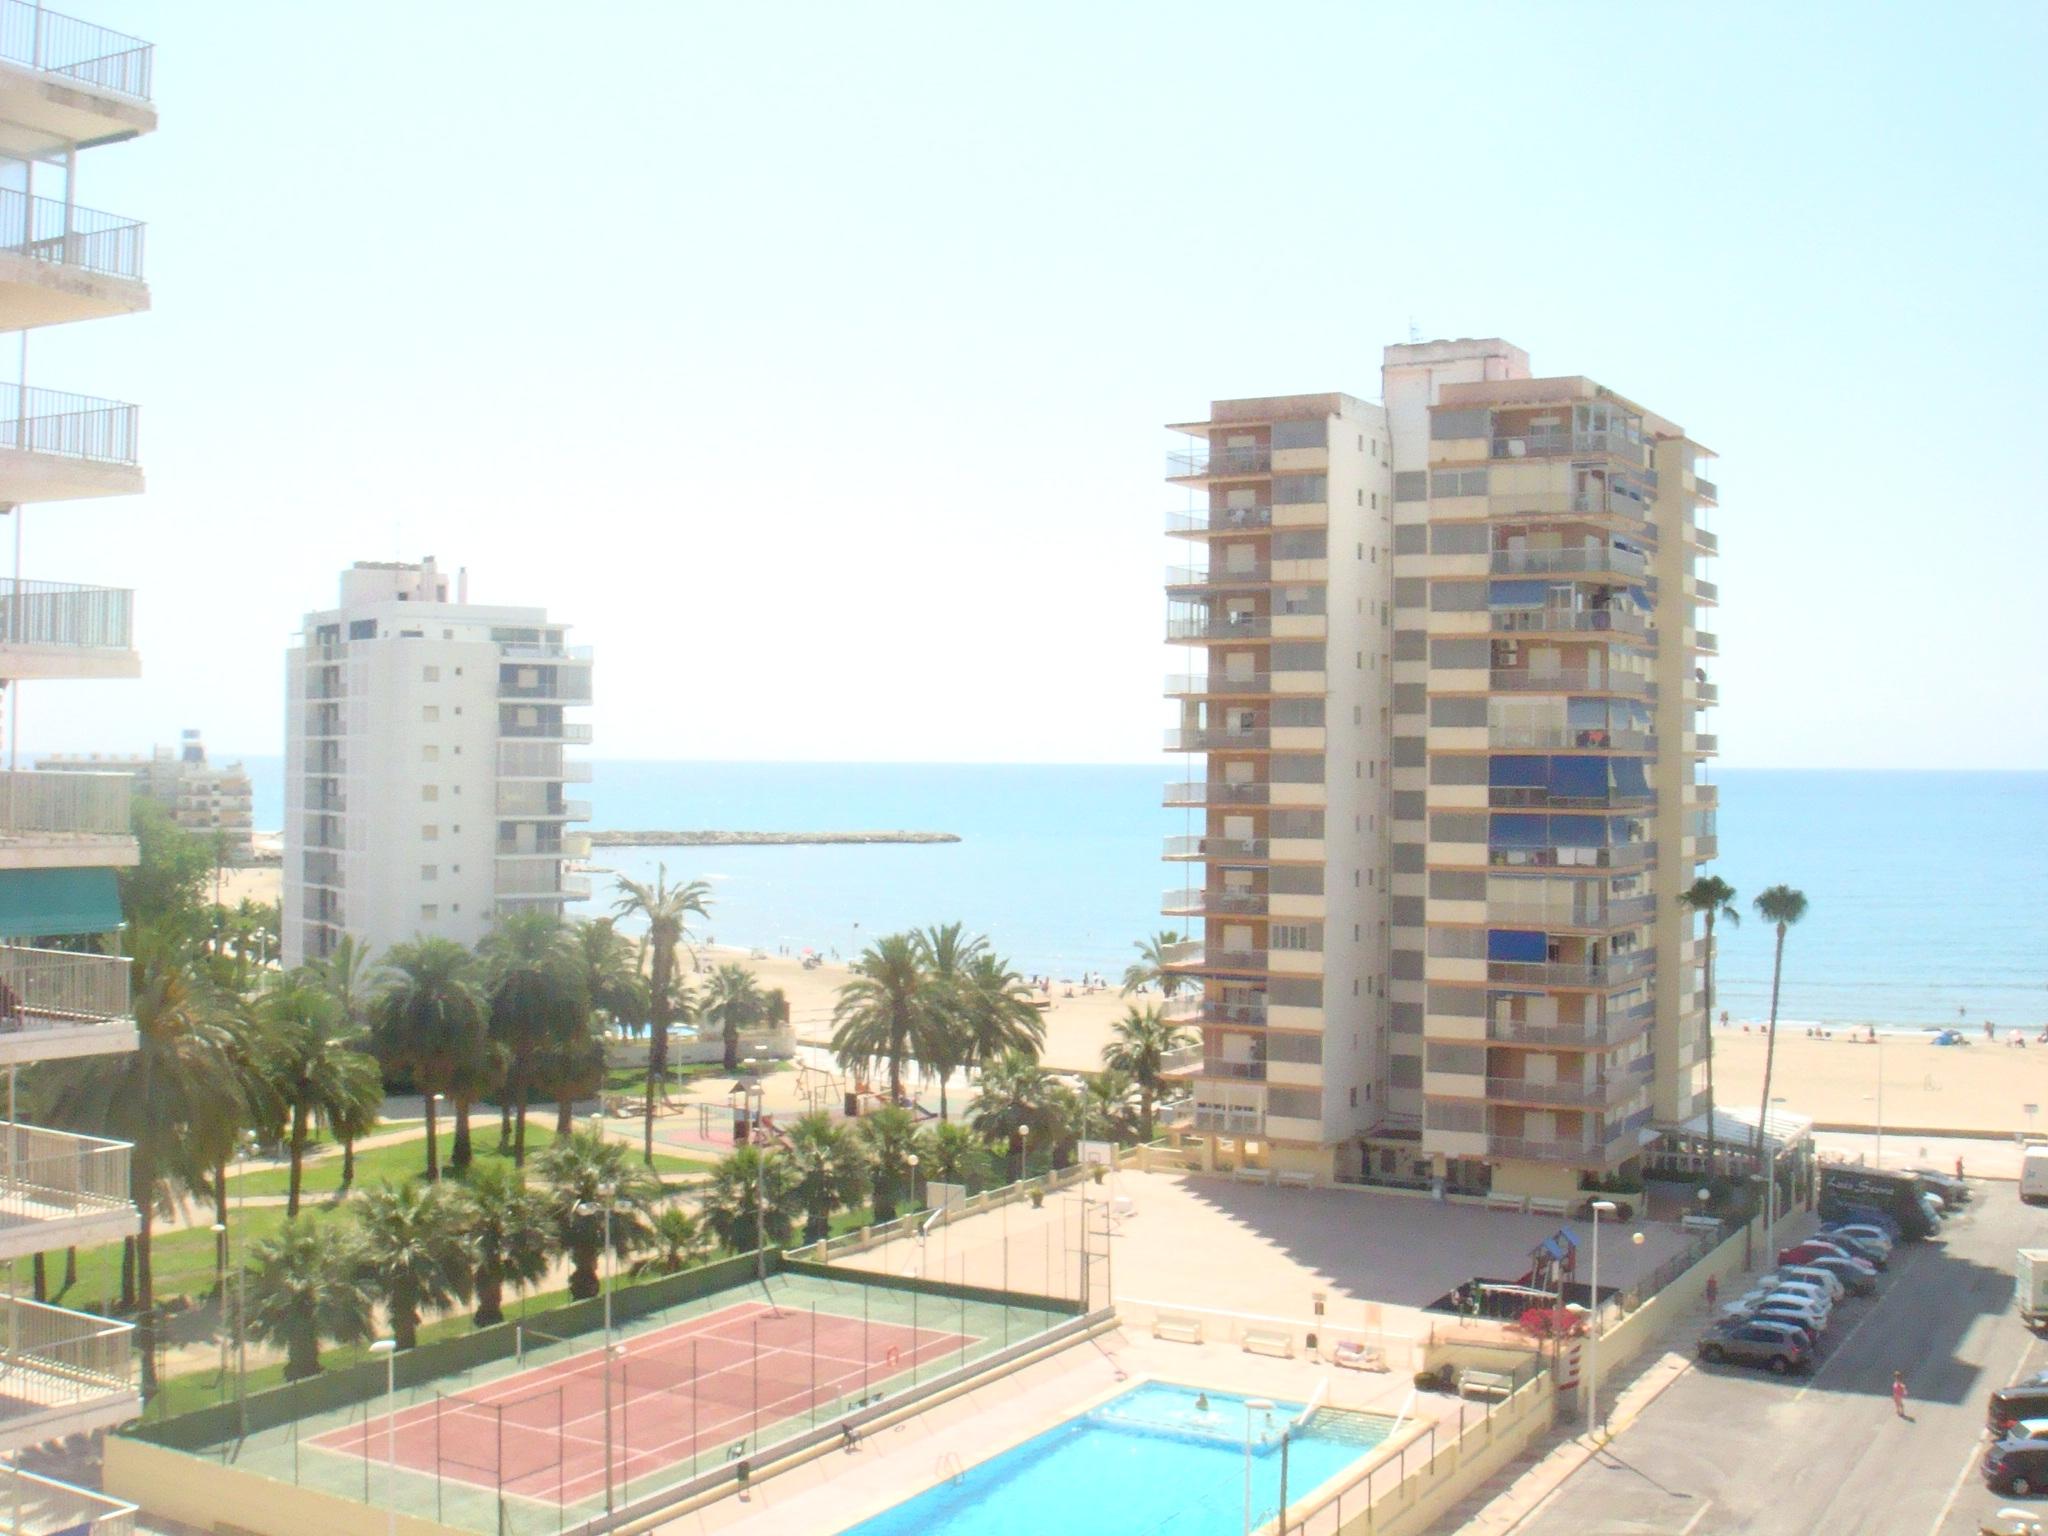 Inmobiliaria gestitur apartamento en segunda linea de playa rac 4164 apartamento en - Venta apartamentos playa cullera ...